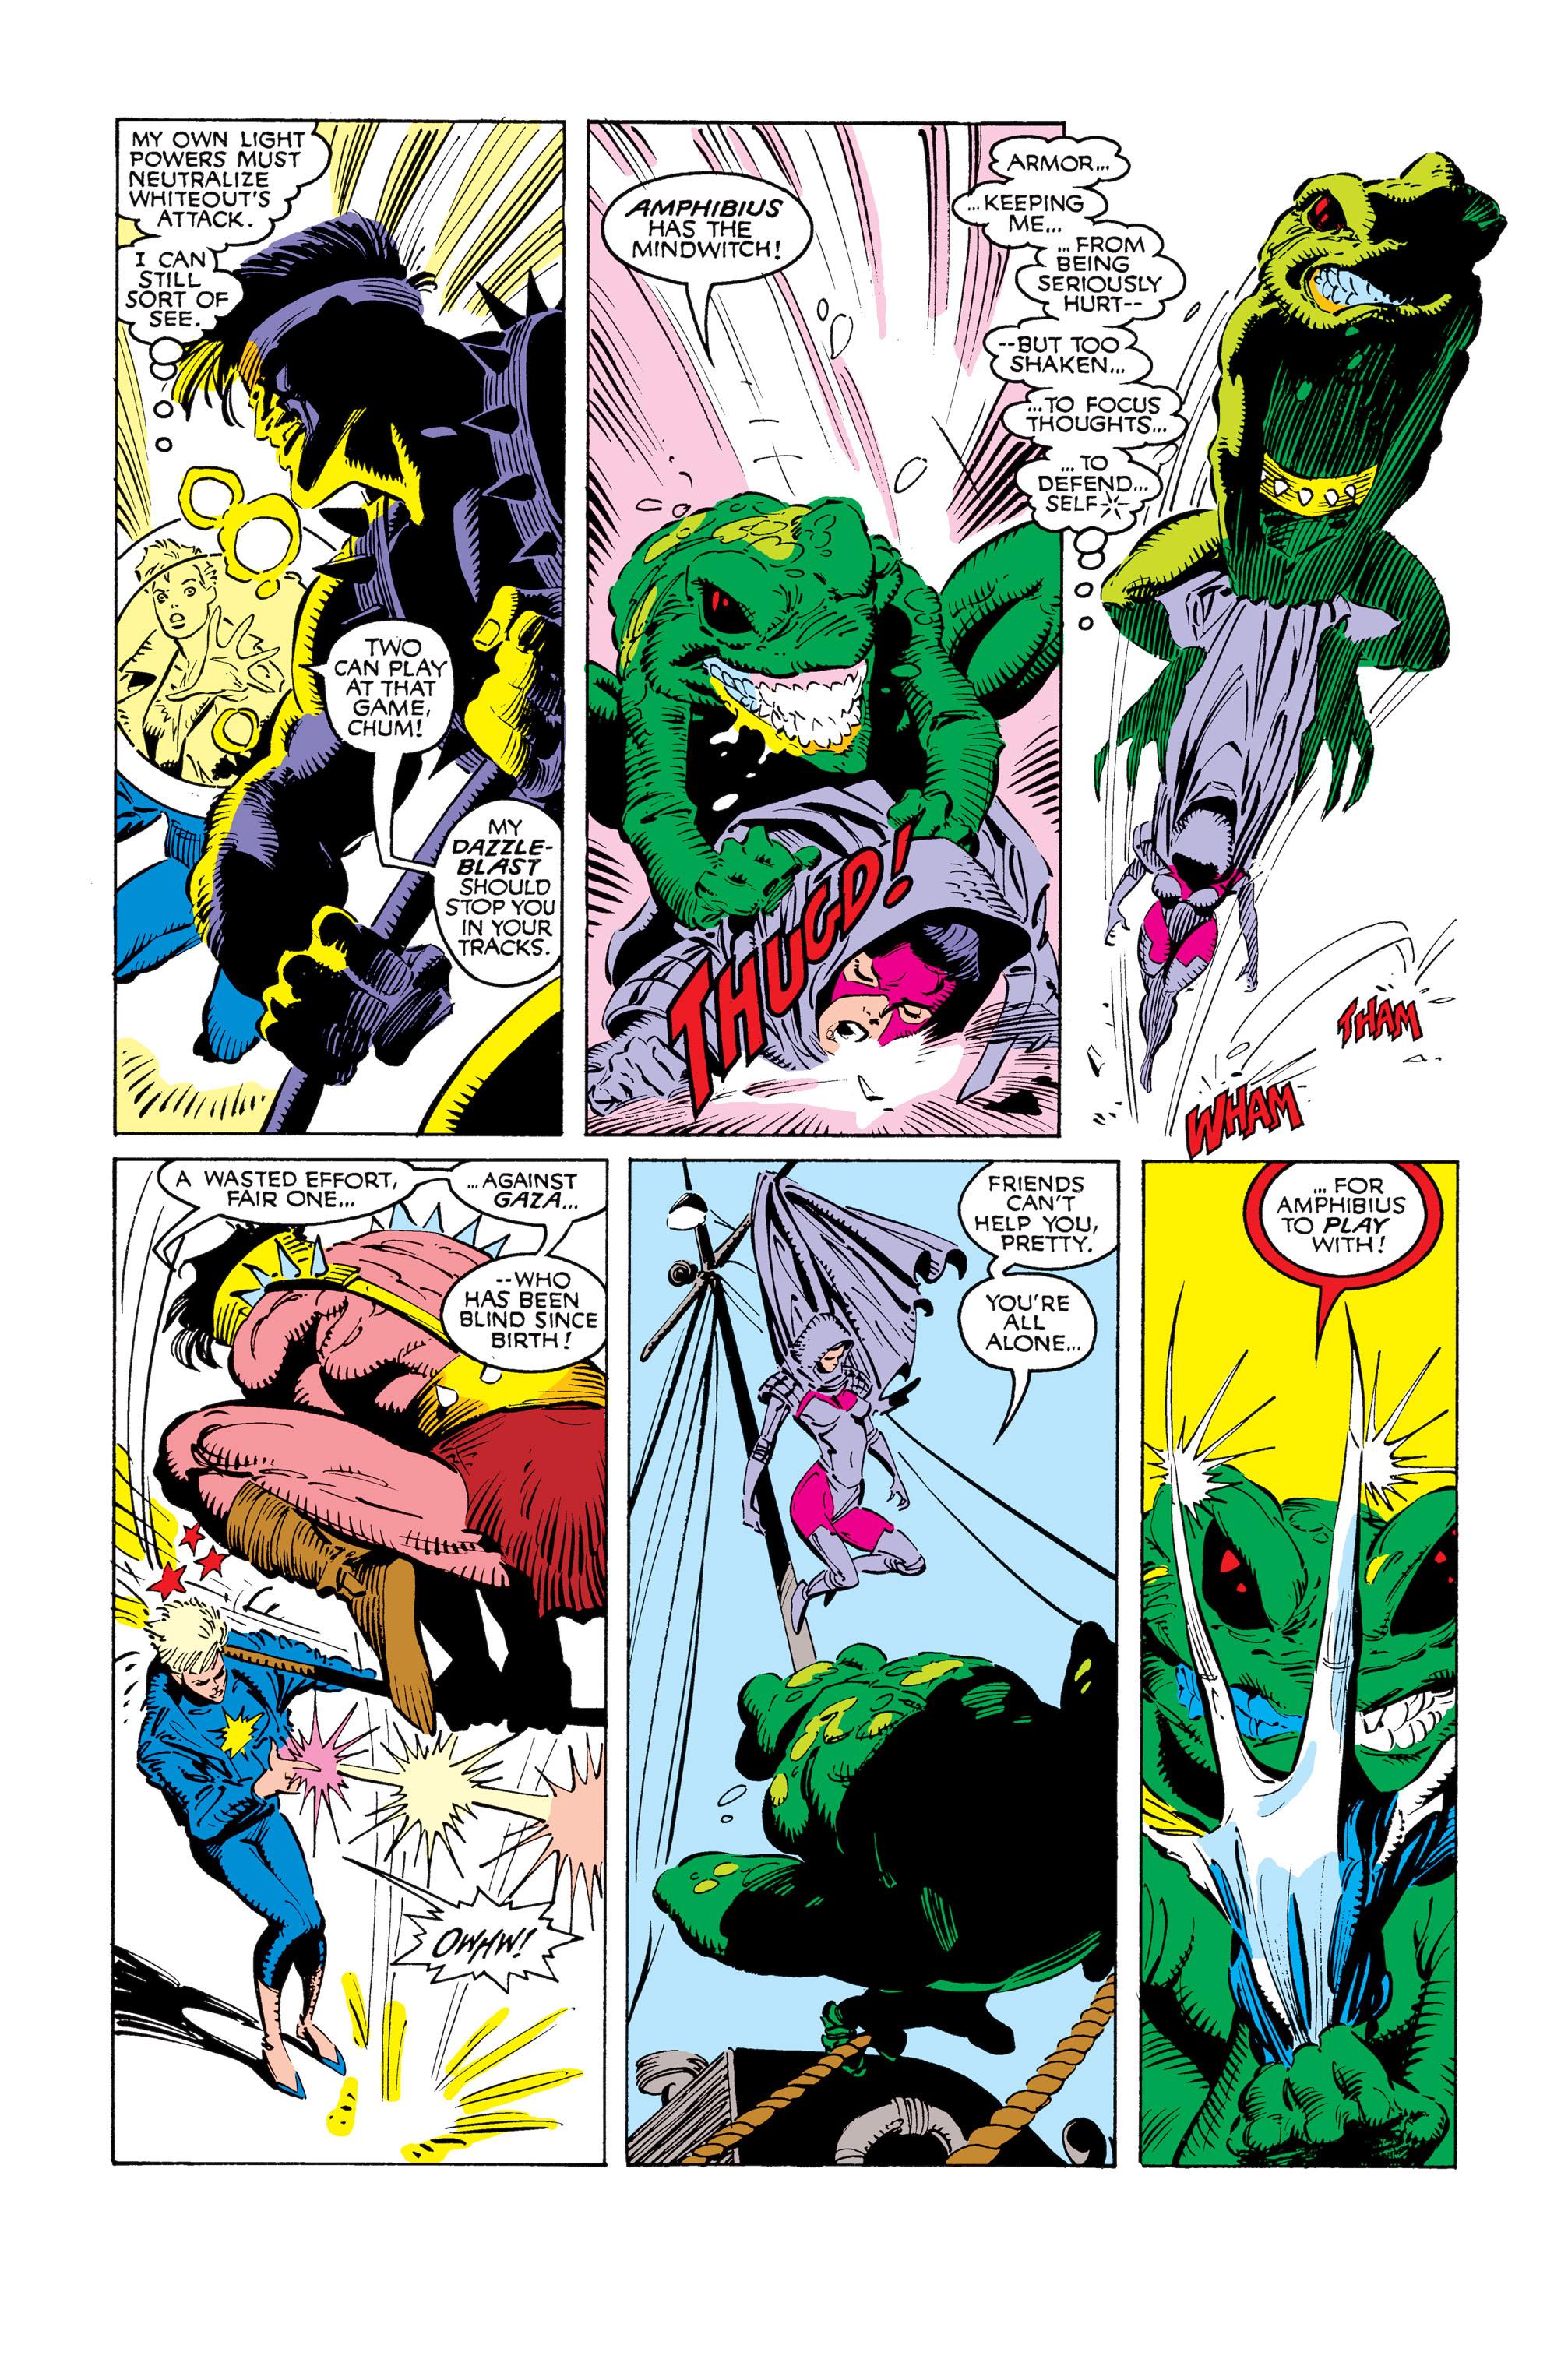 co/ - Comics & Cartoons » Thread #103935959